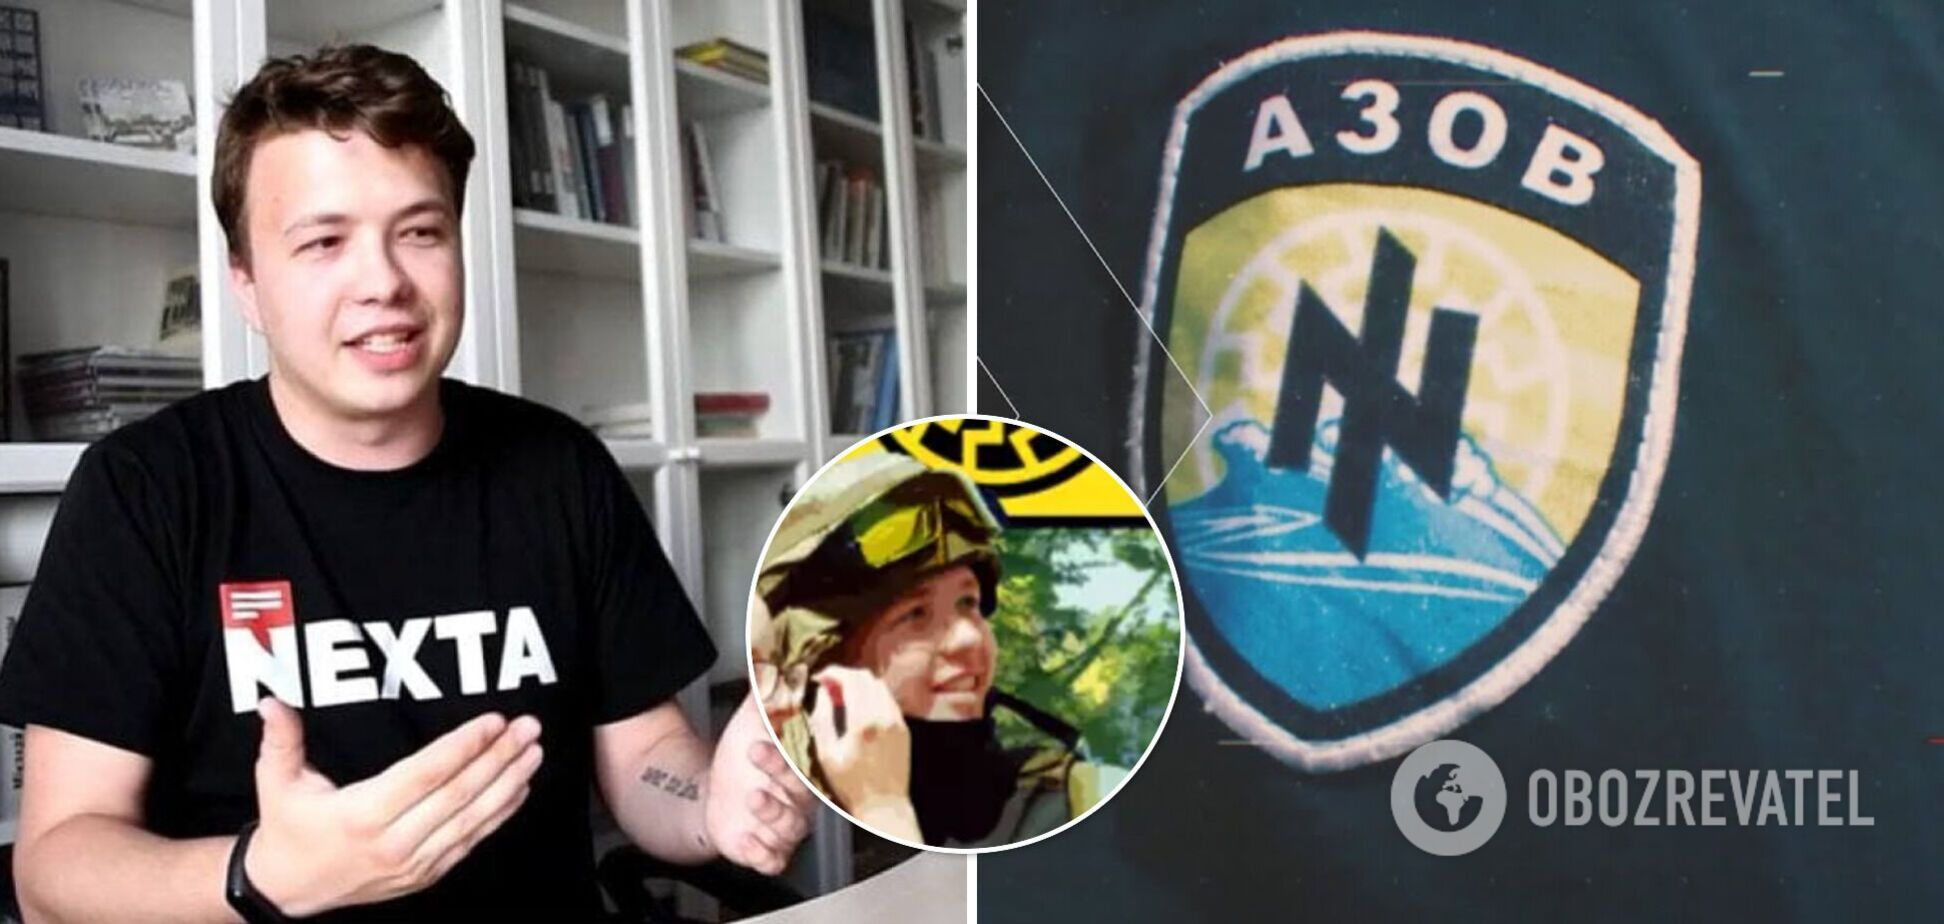 Протасевичу приписали службу в 'Азові' на Донбасі: у Bellingcat розкрили правду